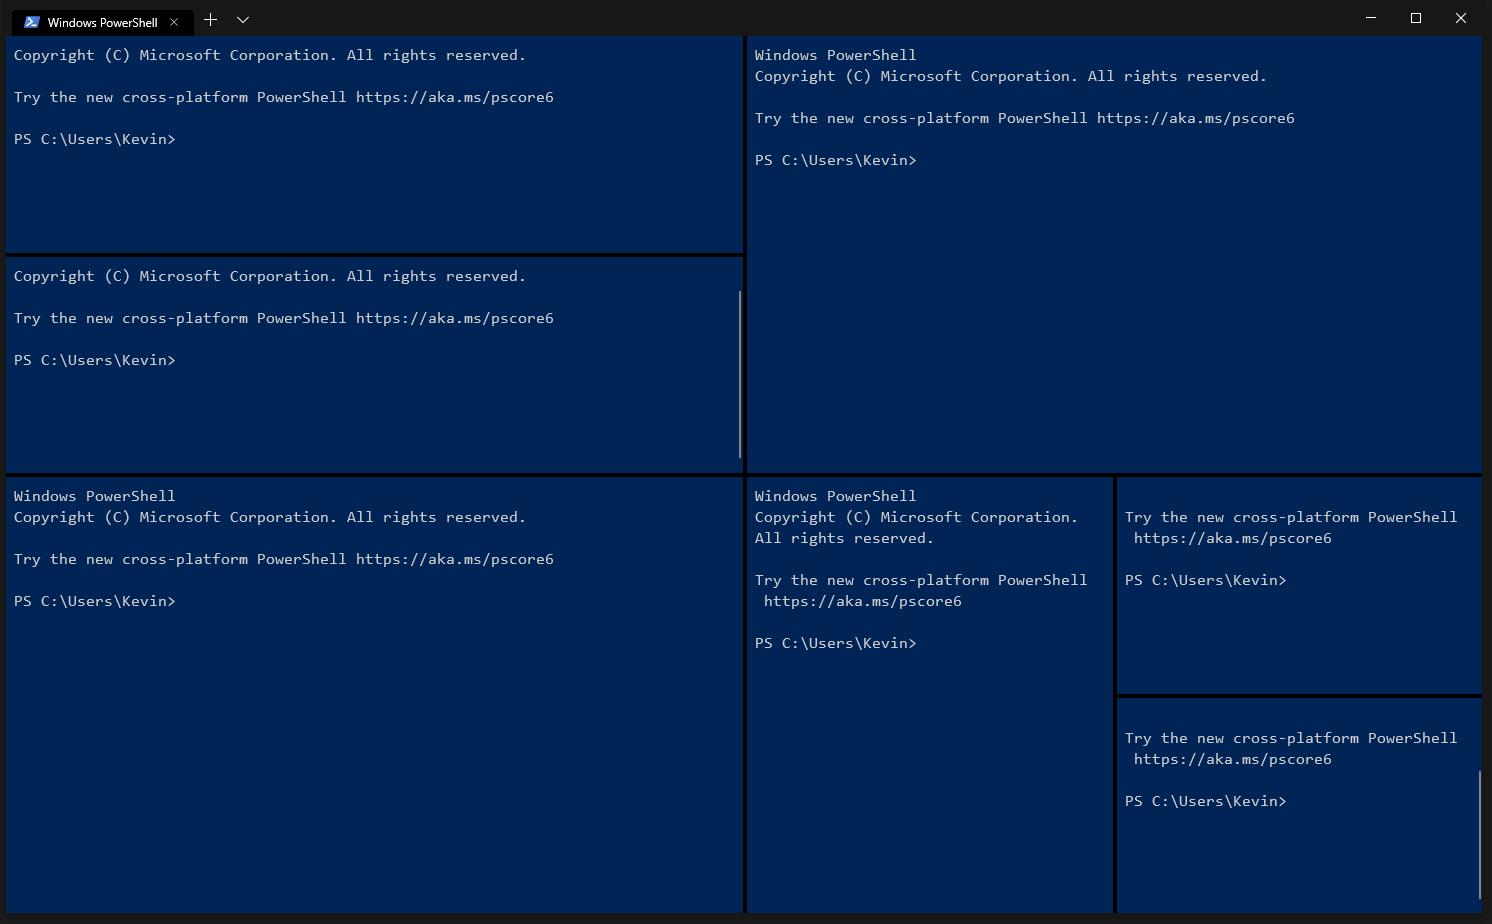 تقسیم صفحه ترمینال ویندوز به چند صفحه بدون نیاز به tmux یا screen